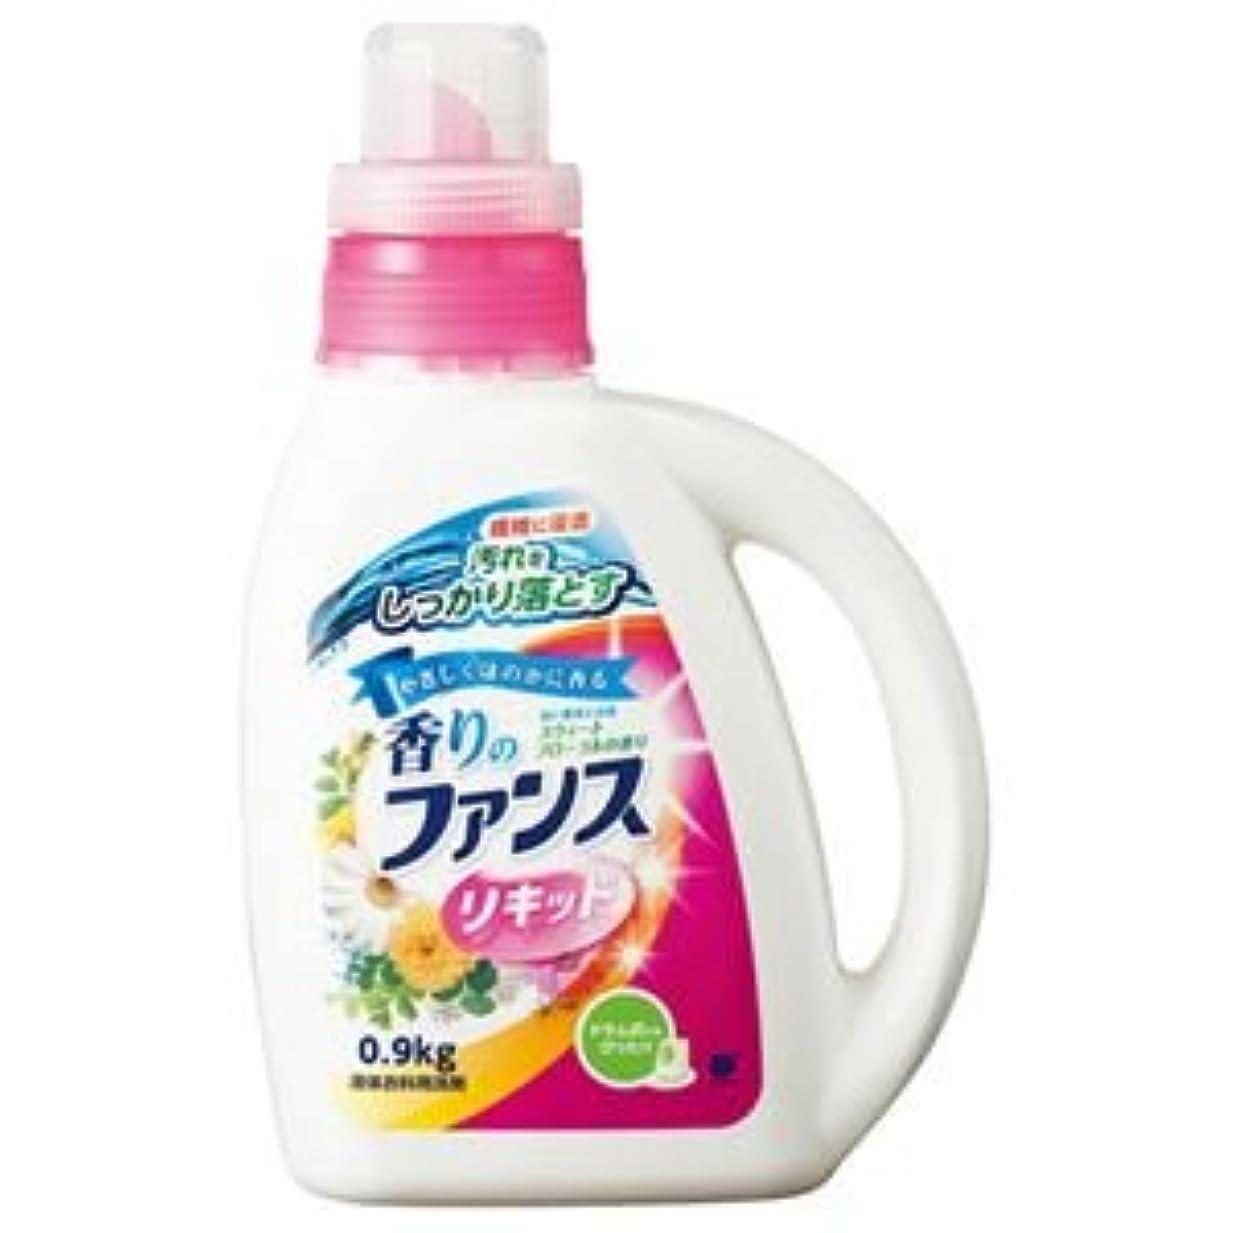 プット湾ホラー(まとめ) 第一石鹸 香りのファンス 液体衣料用洗剤リキッド 本体 0.9kg 1本 【×10セット】